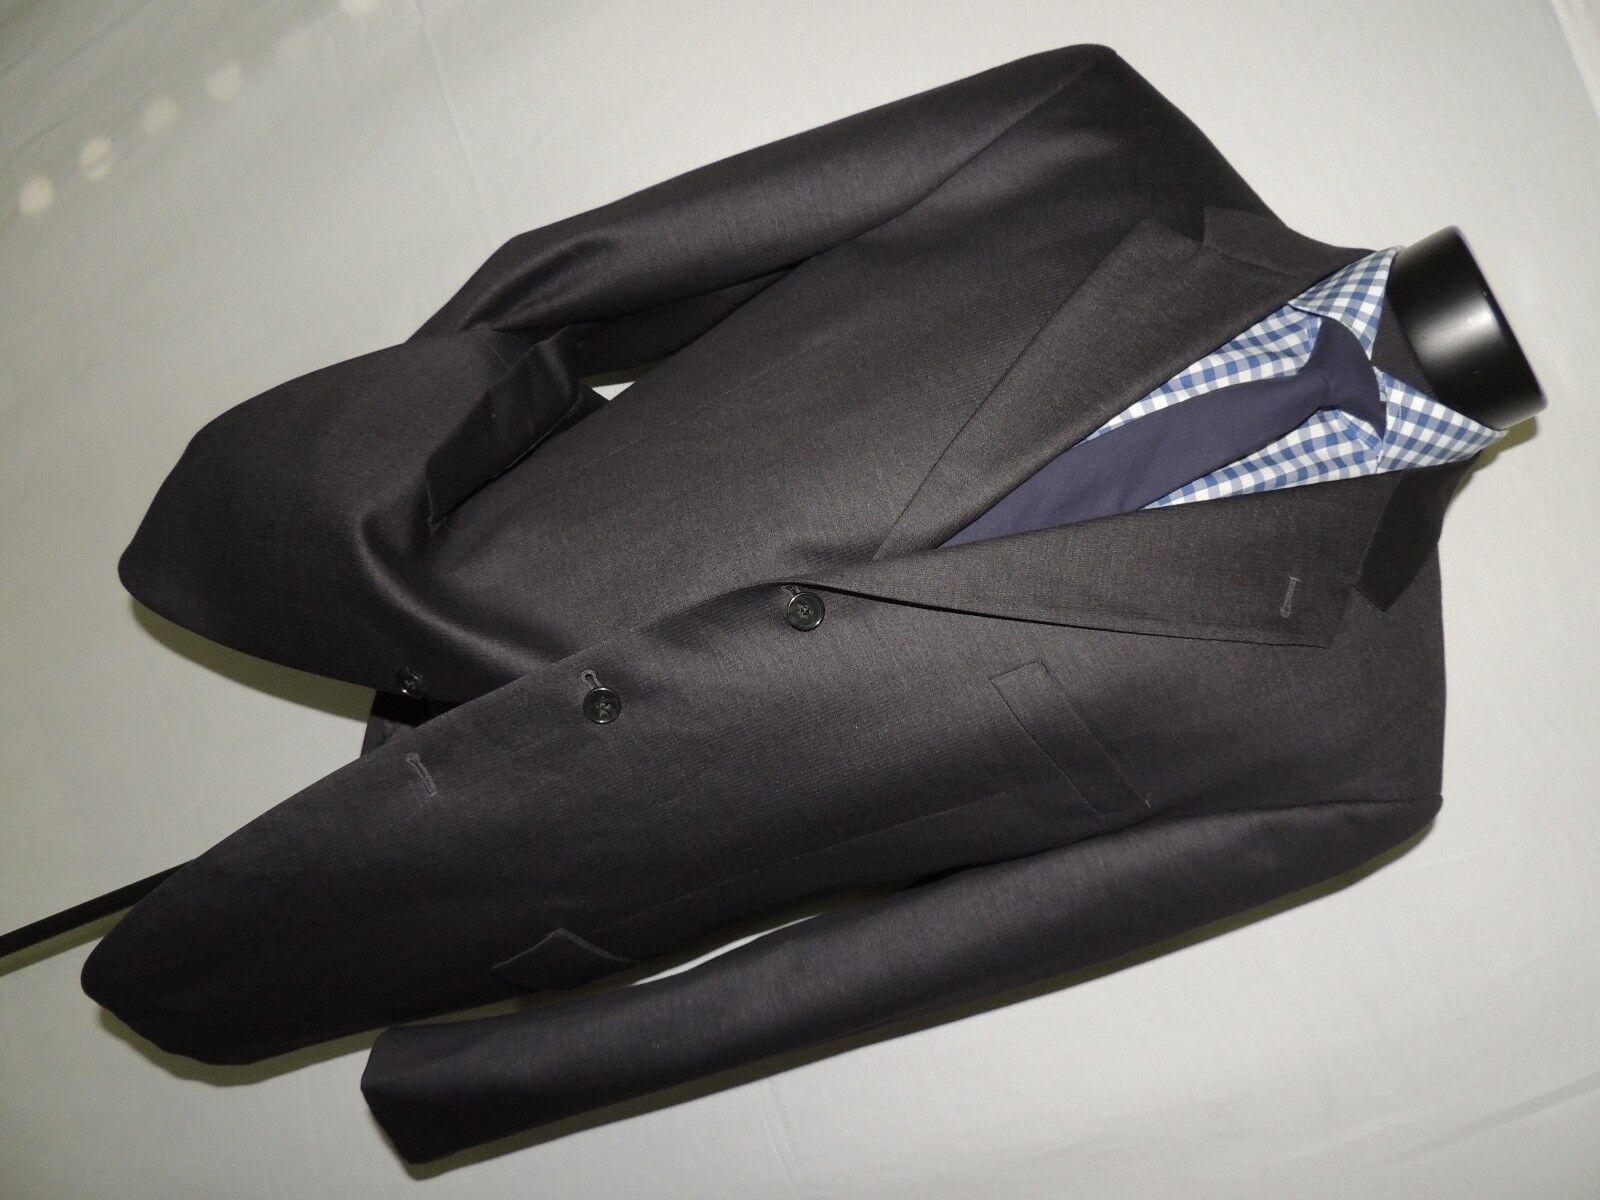 Exquisite Joseph Abboud Nordstrom Herren grau Suit 42 long pants 37X33.5